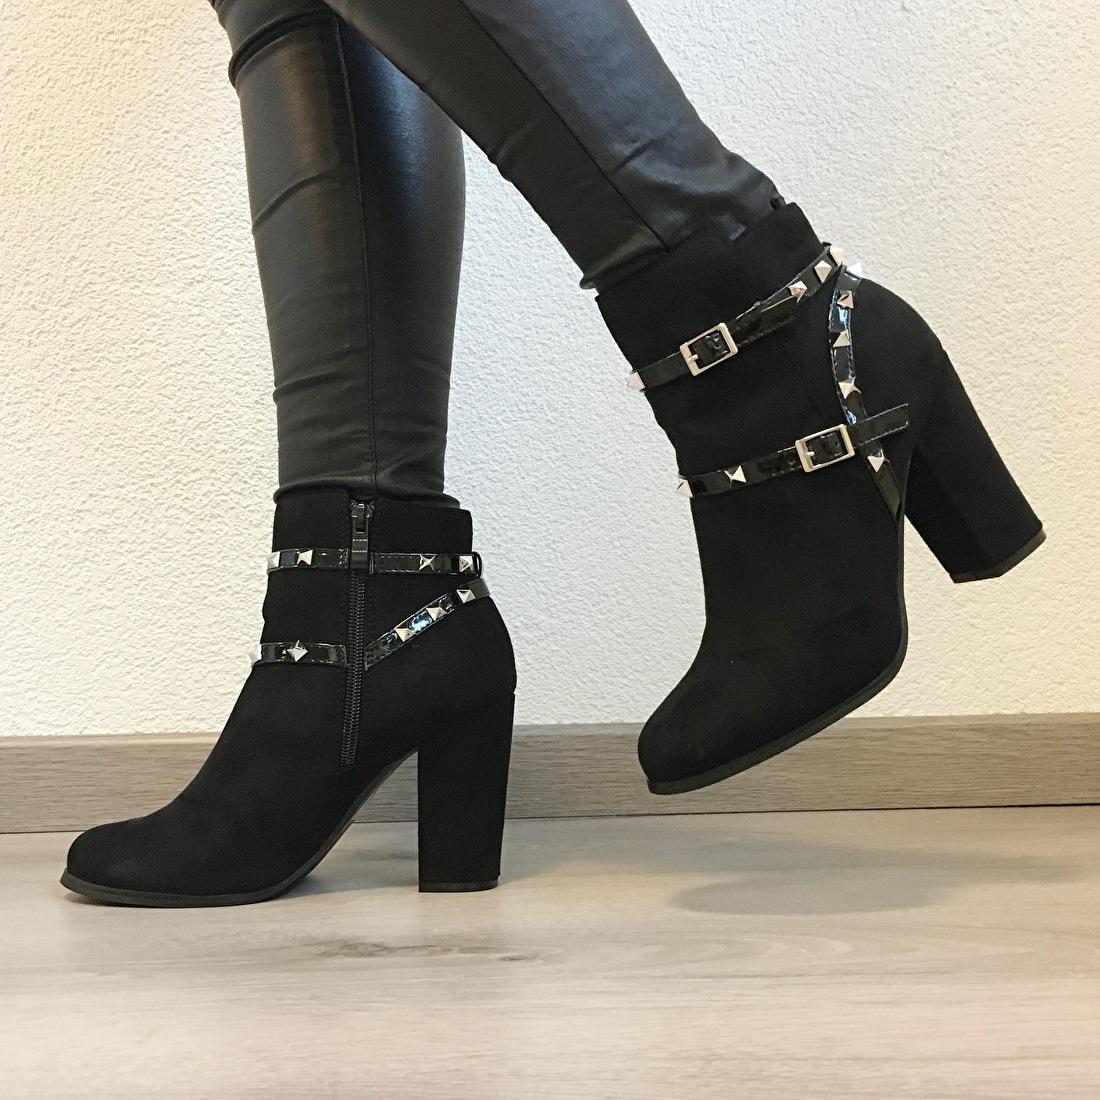 https://www.byminettes.nl/a-49598414/schoenen/studded-heels/